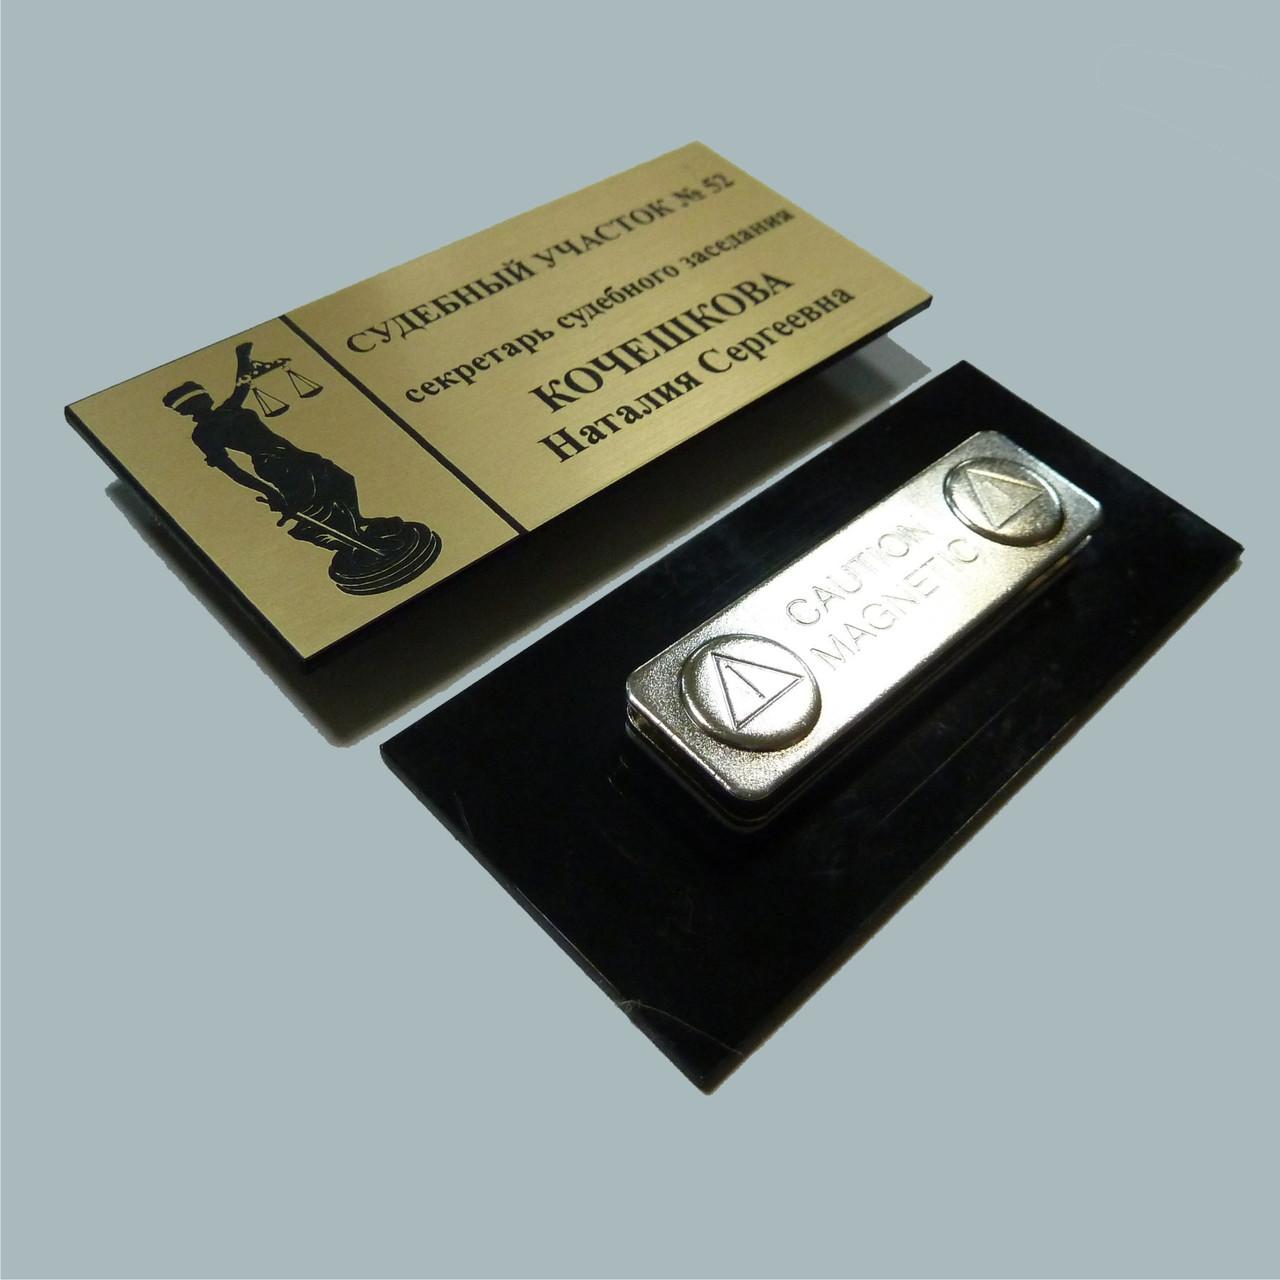 Бейдж для секретаря судебных заседаний металлический (изготовление за 1 час на оболони)